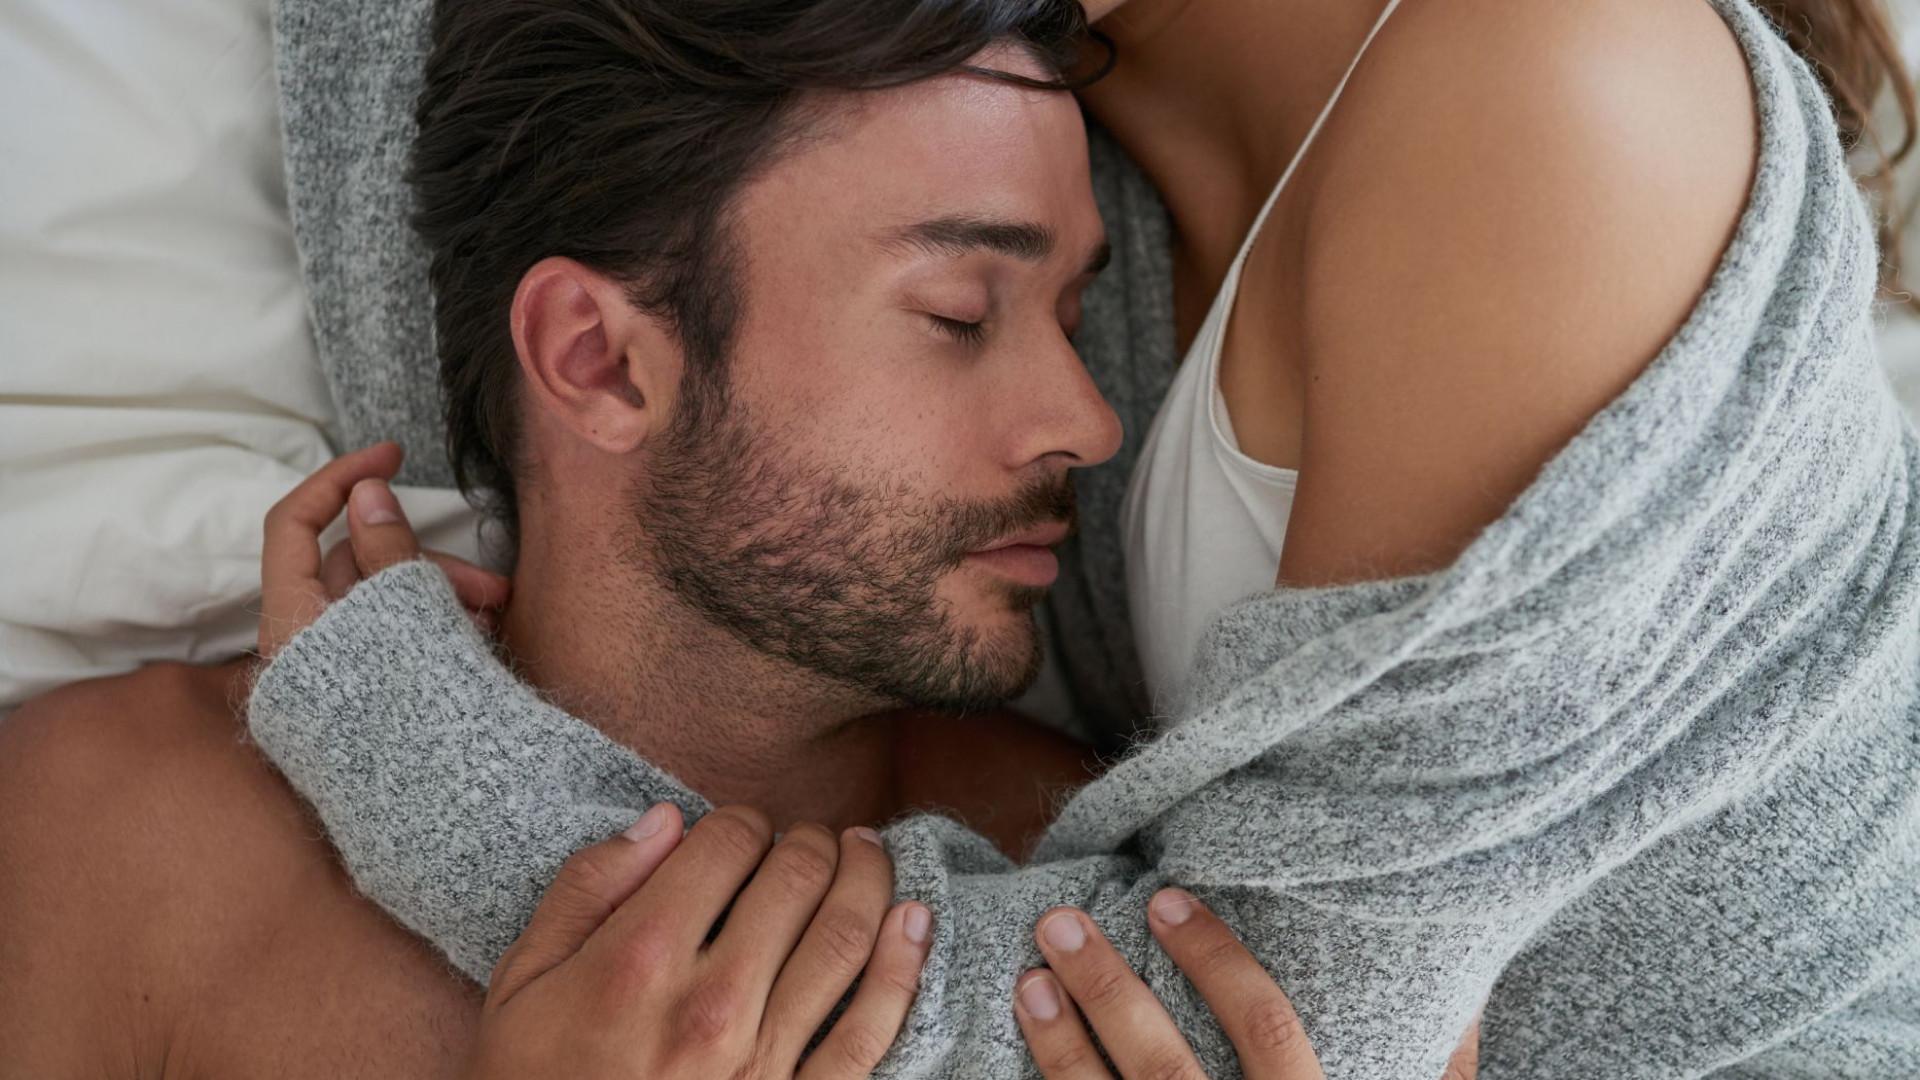 Quatro métodos improváveis para dormir bem (incluindo ler uma história!)